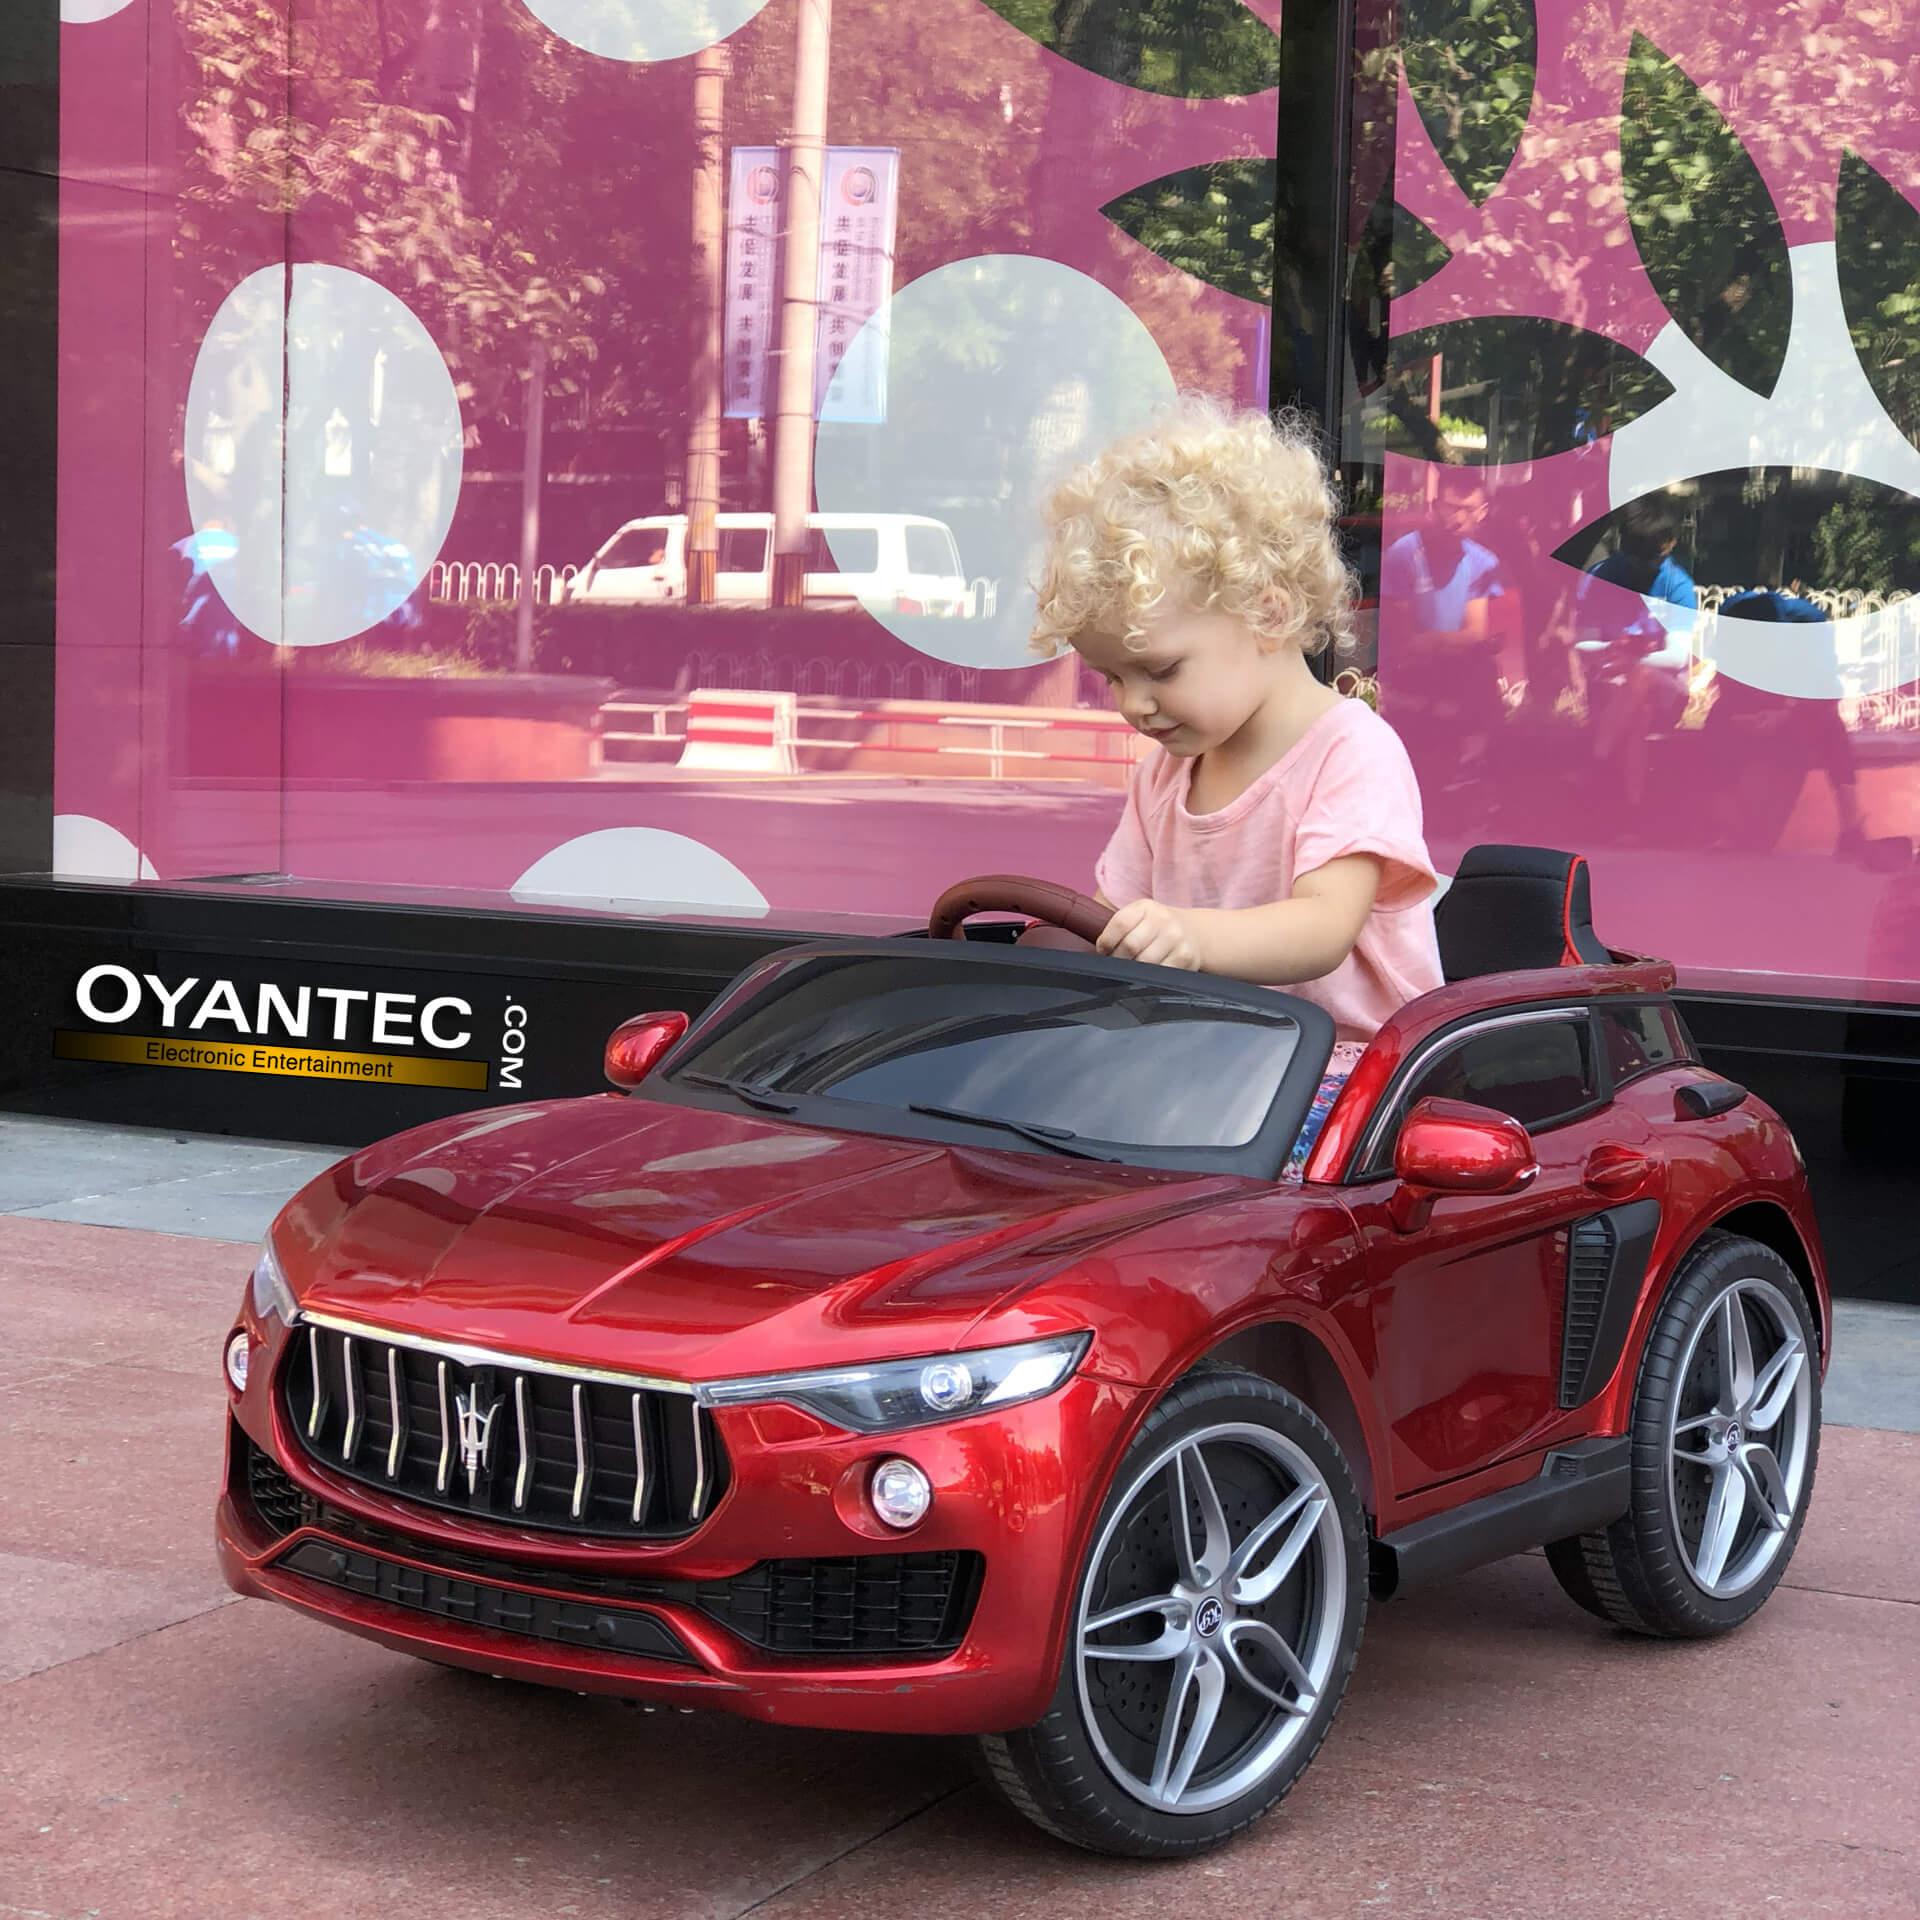 ماشین شارژی مازراتی لوانته SUV چهار موتوره